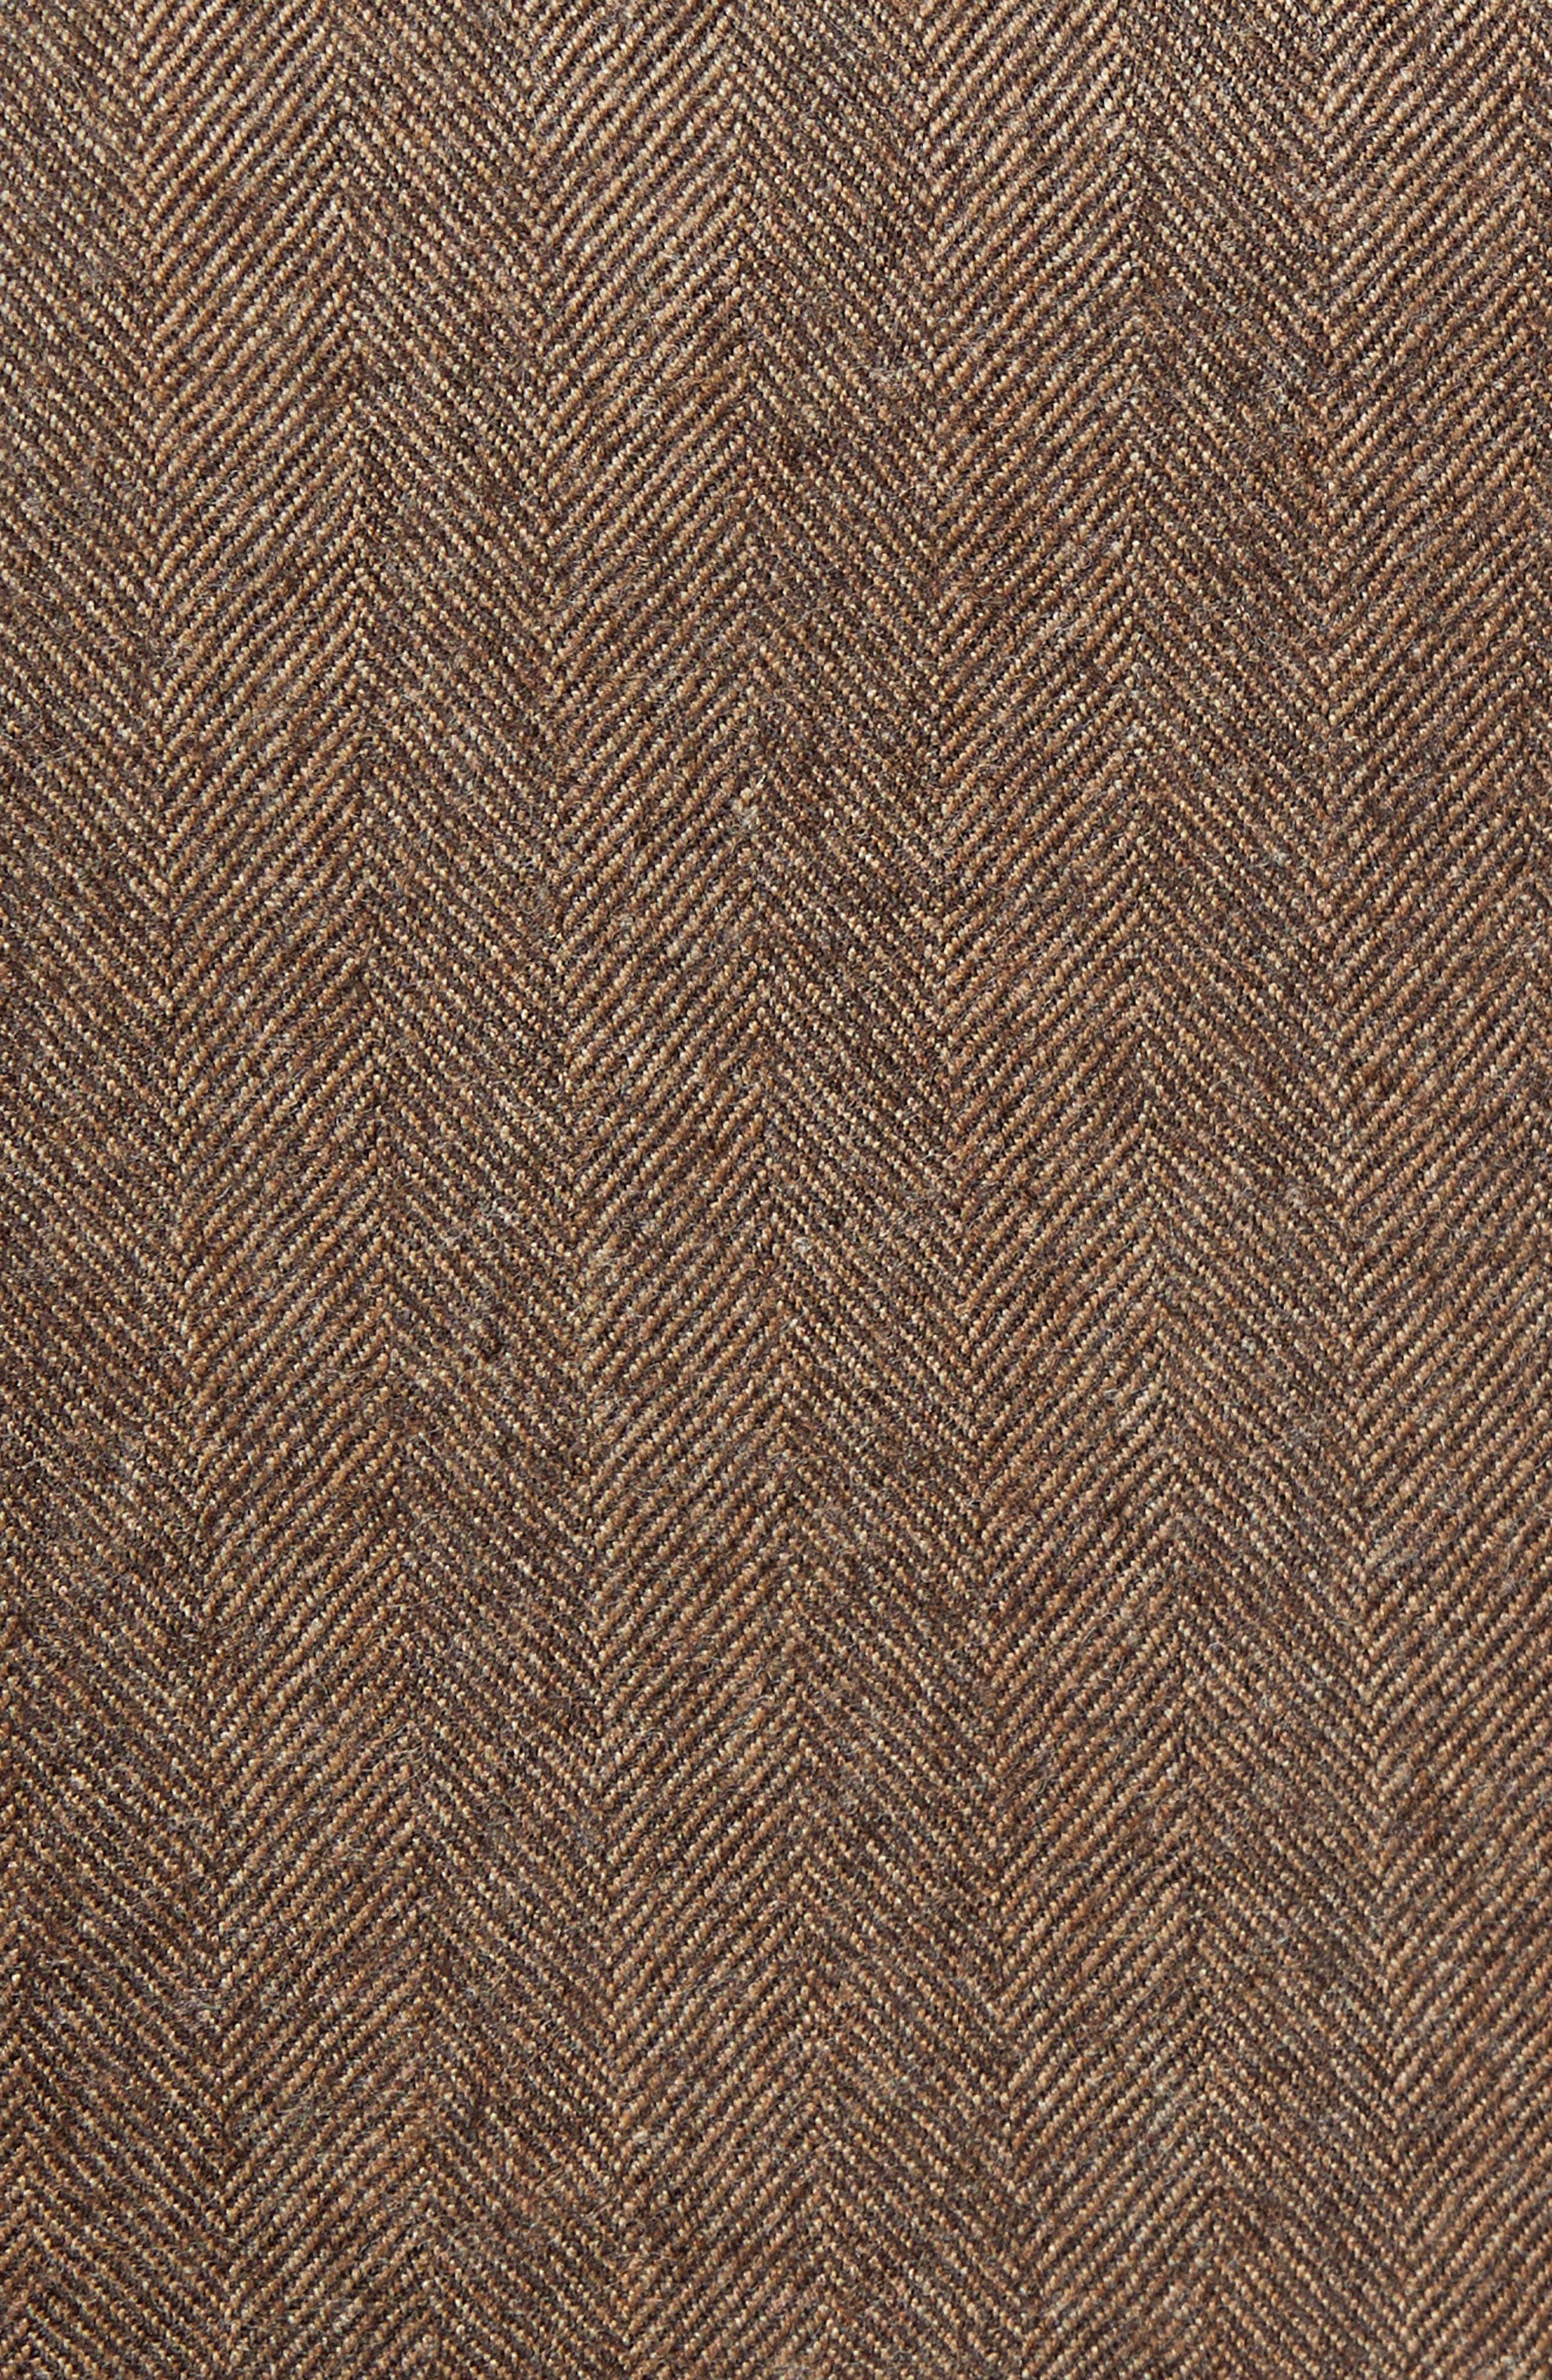 Trim Fit Herringbone Wool Sport Coat,                             Alternate thumbnail 6, color,                             BROWN